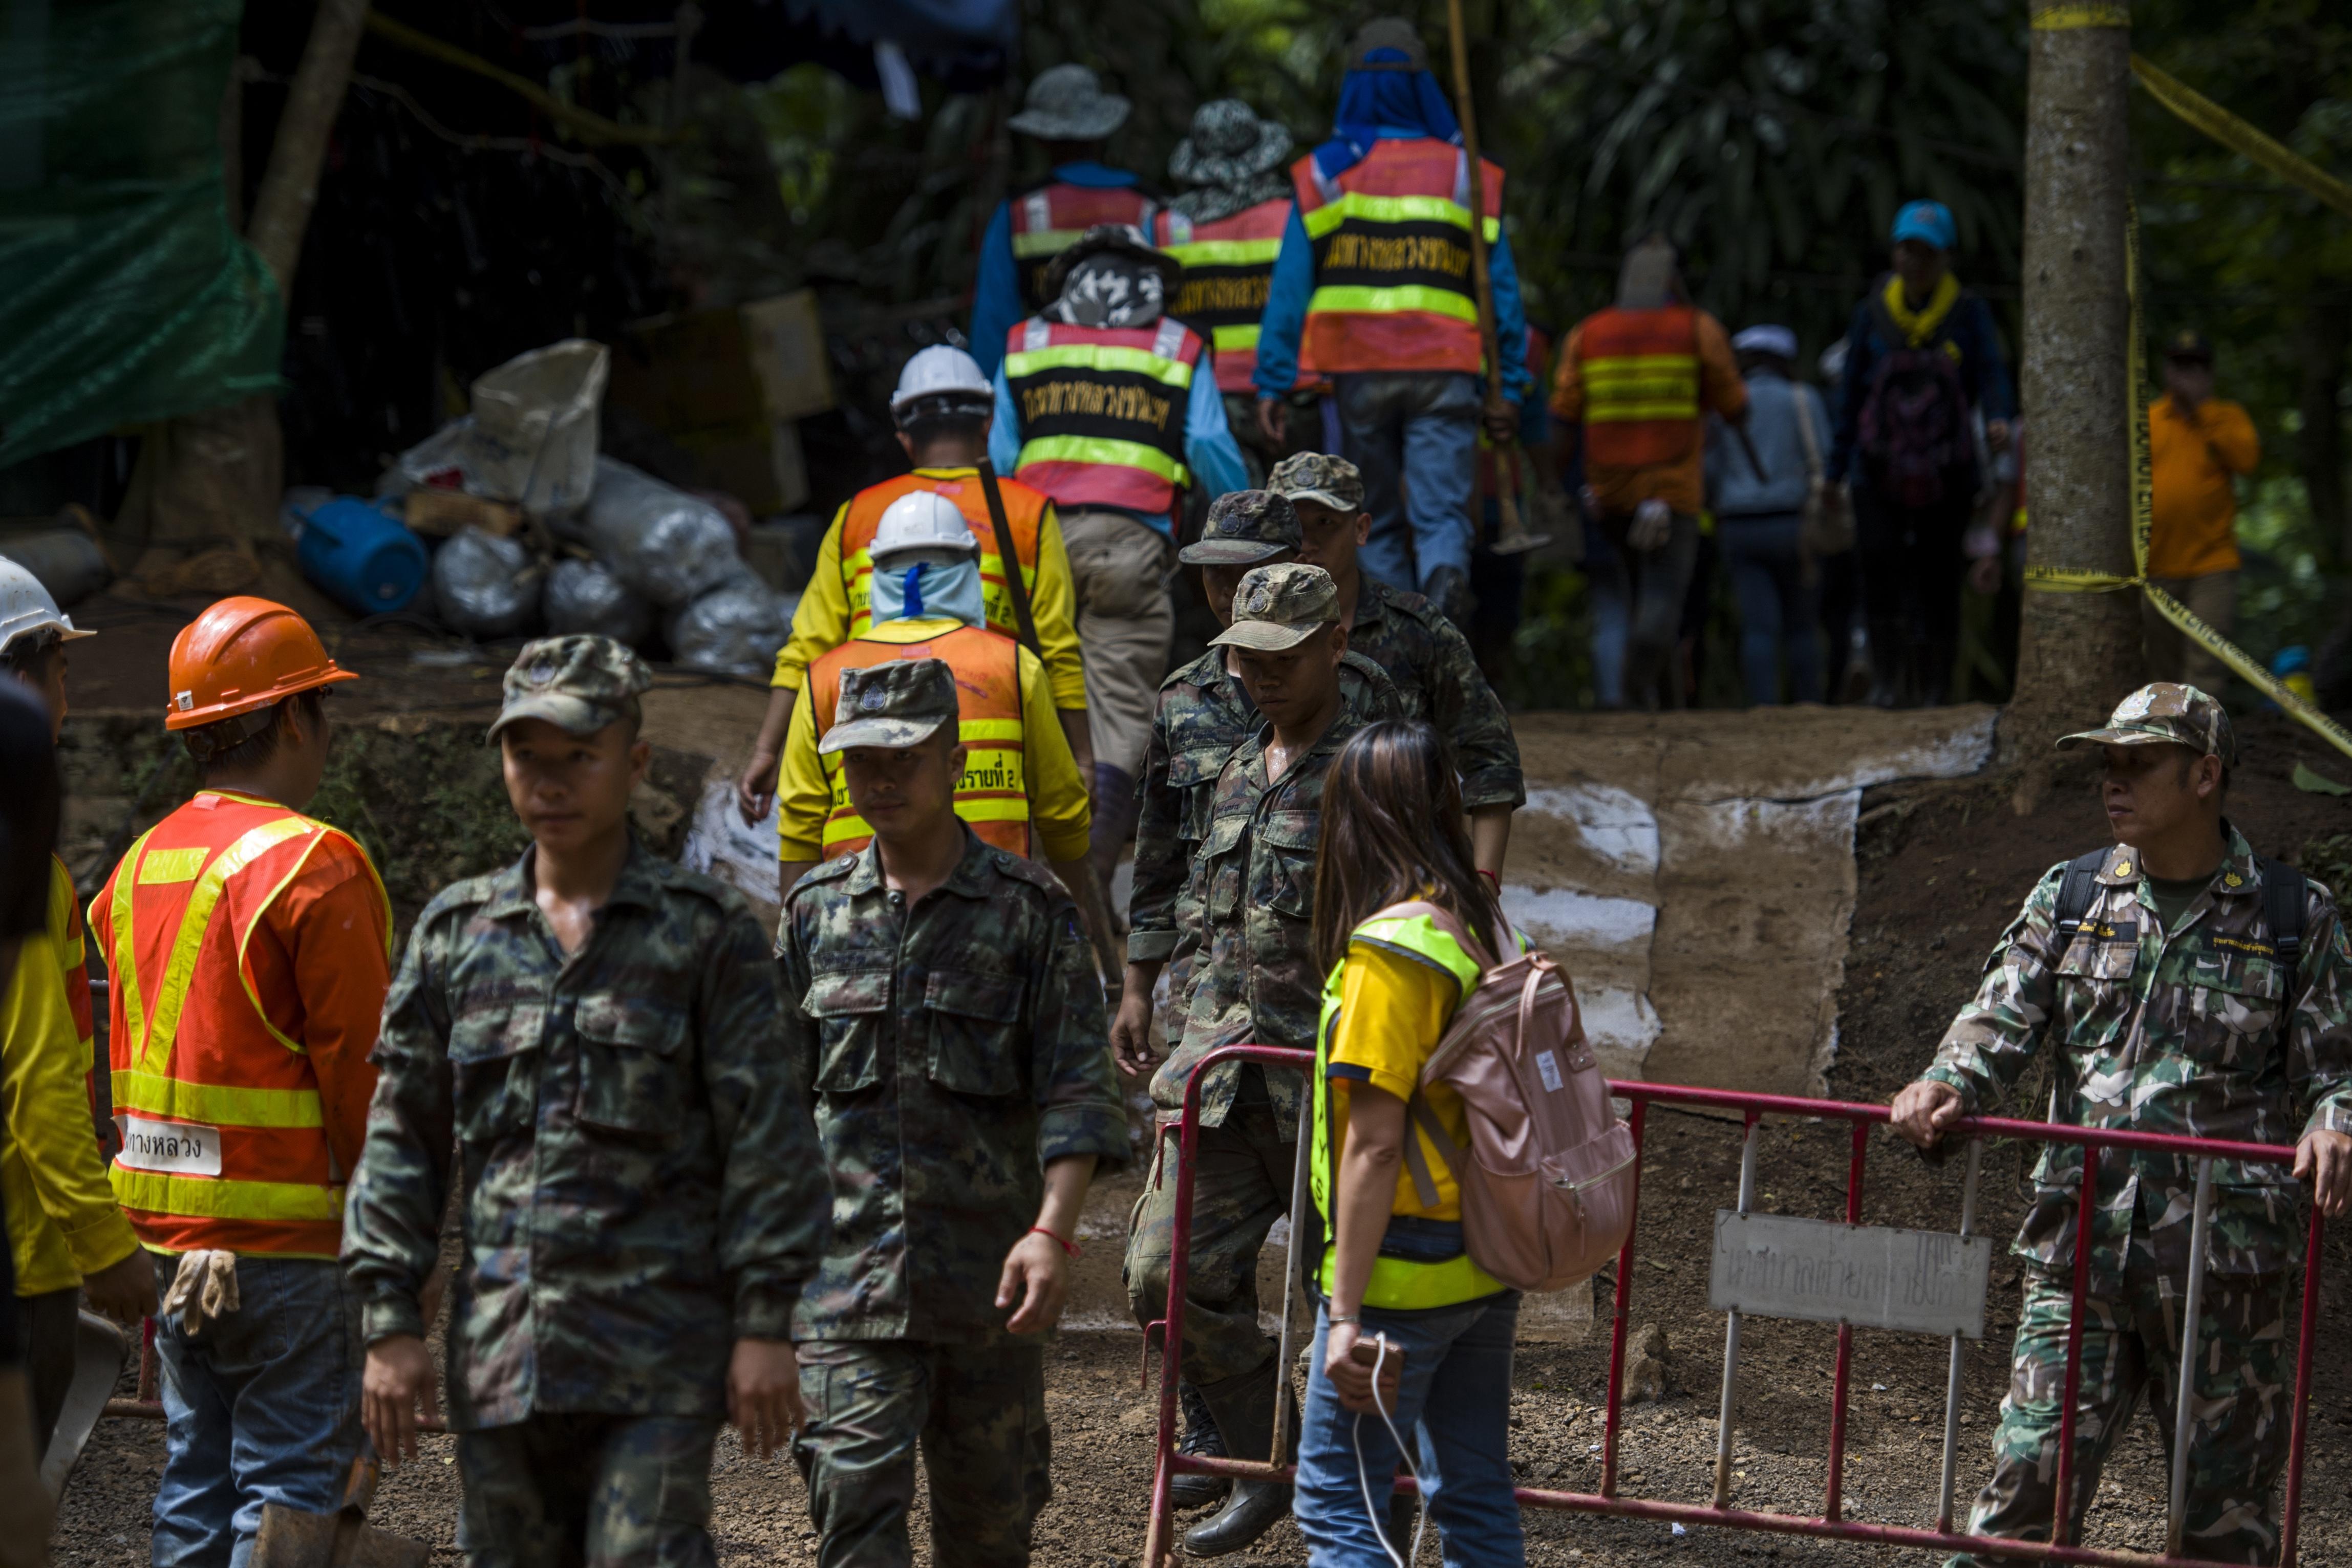 Meghalt egy búvár a thaiföldi barlangnál